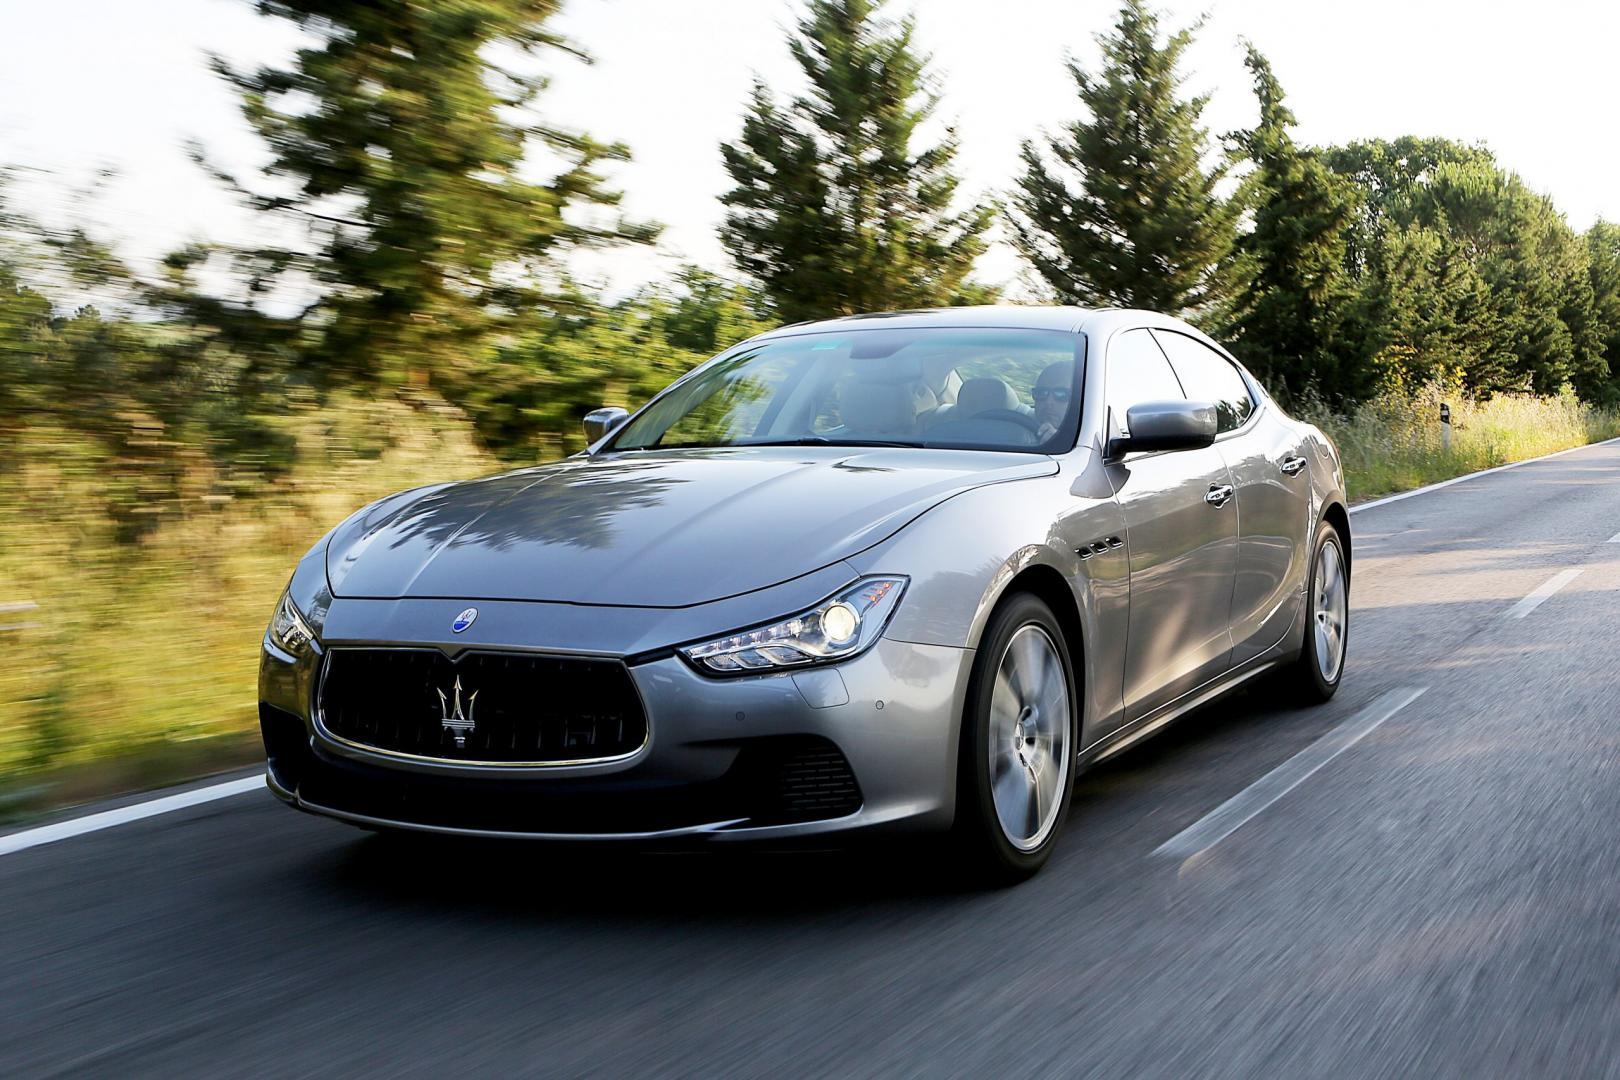 Maserati Ghibli Diesel (2013) - test en specificaties ...